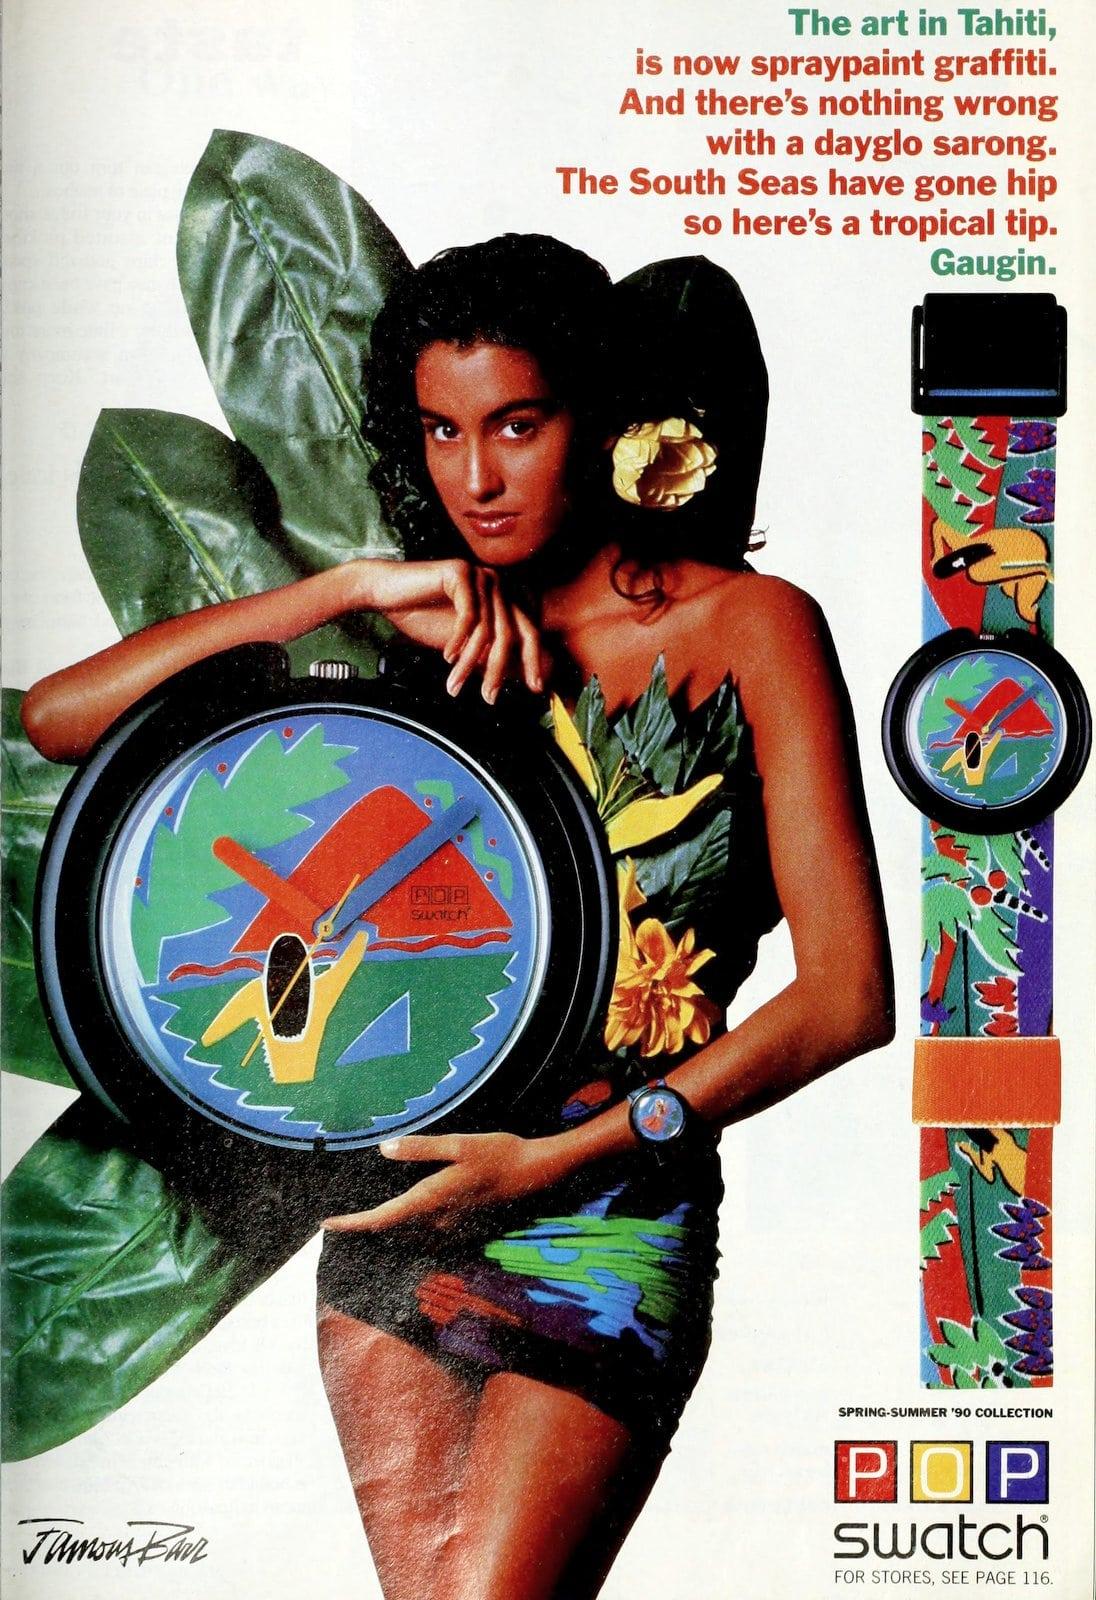 POP swatch - Gaugin pattern (1990)